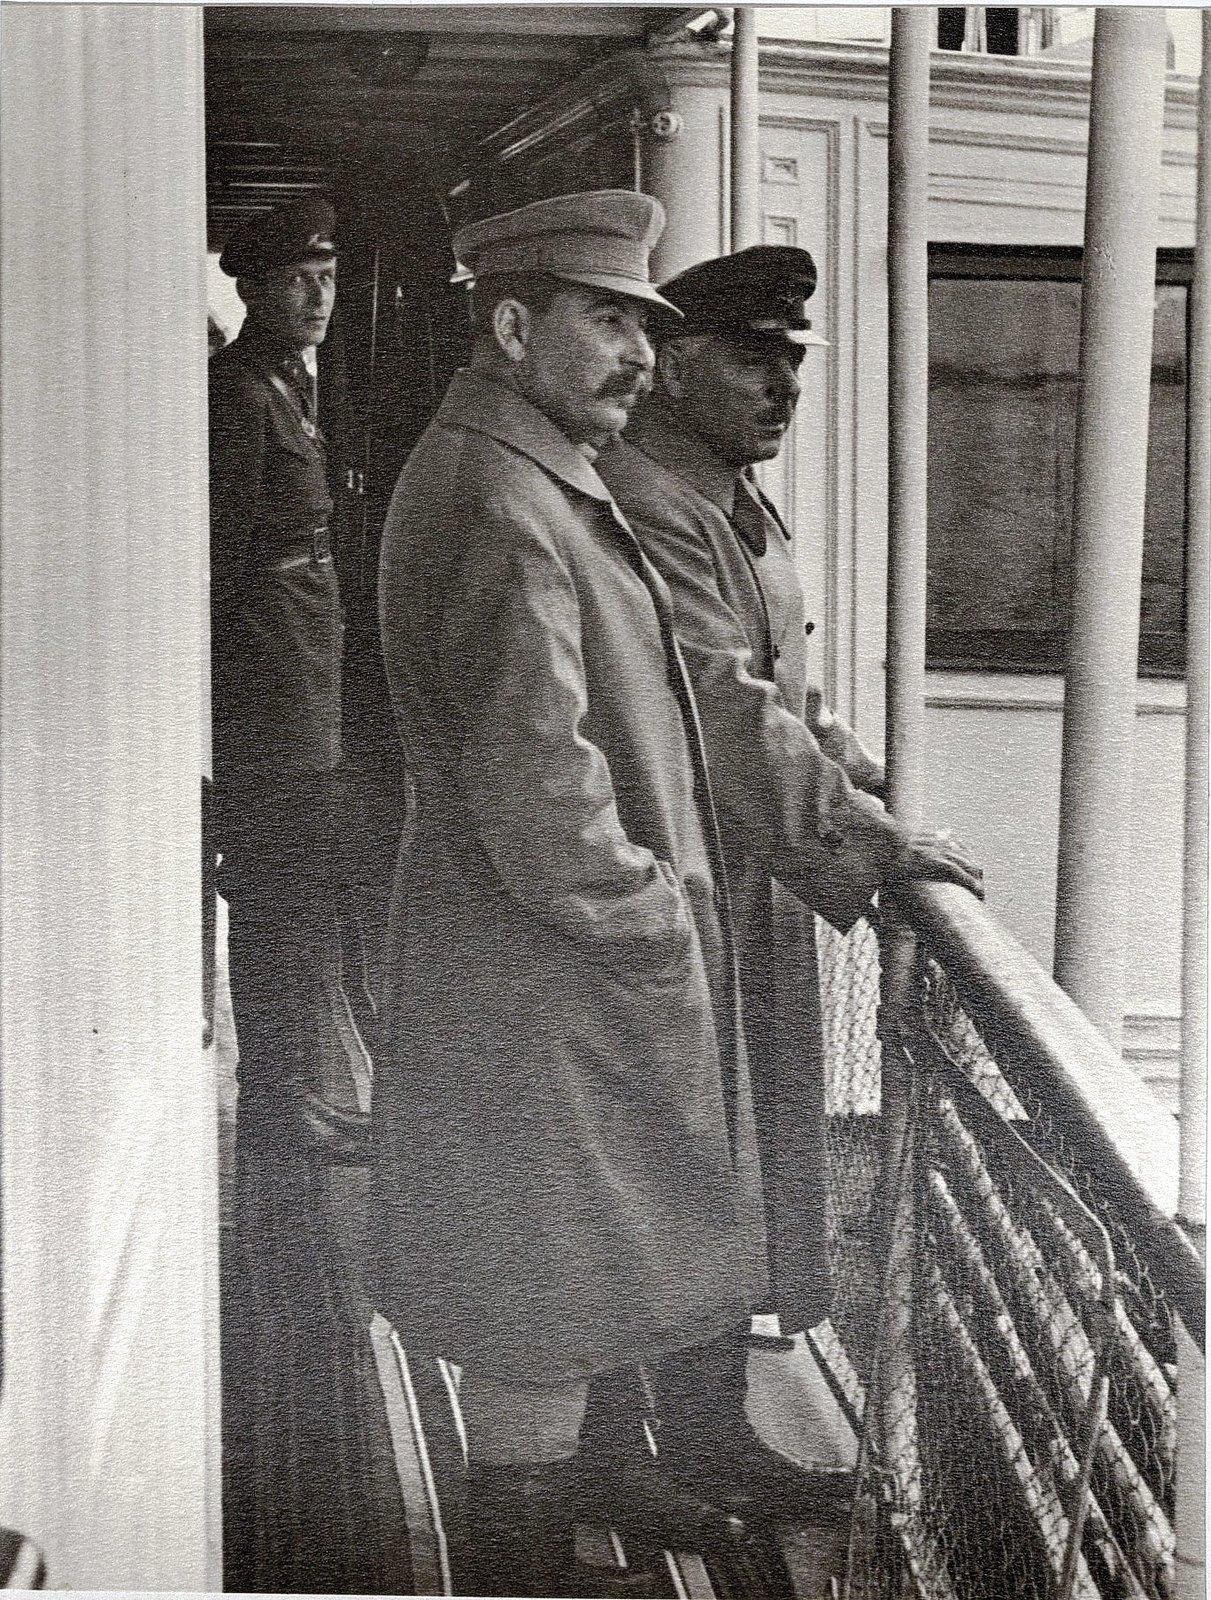 47. И.В. Сталин, К.Е. Ворошилов (сзади сотрудник охраны) на теплоходе Клара Цеткин. Август 1933